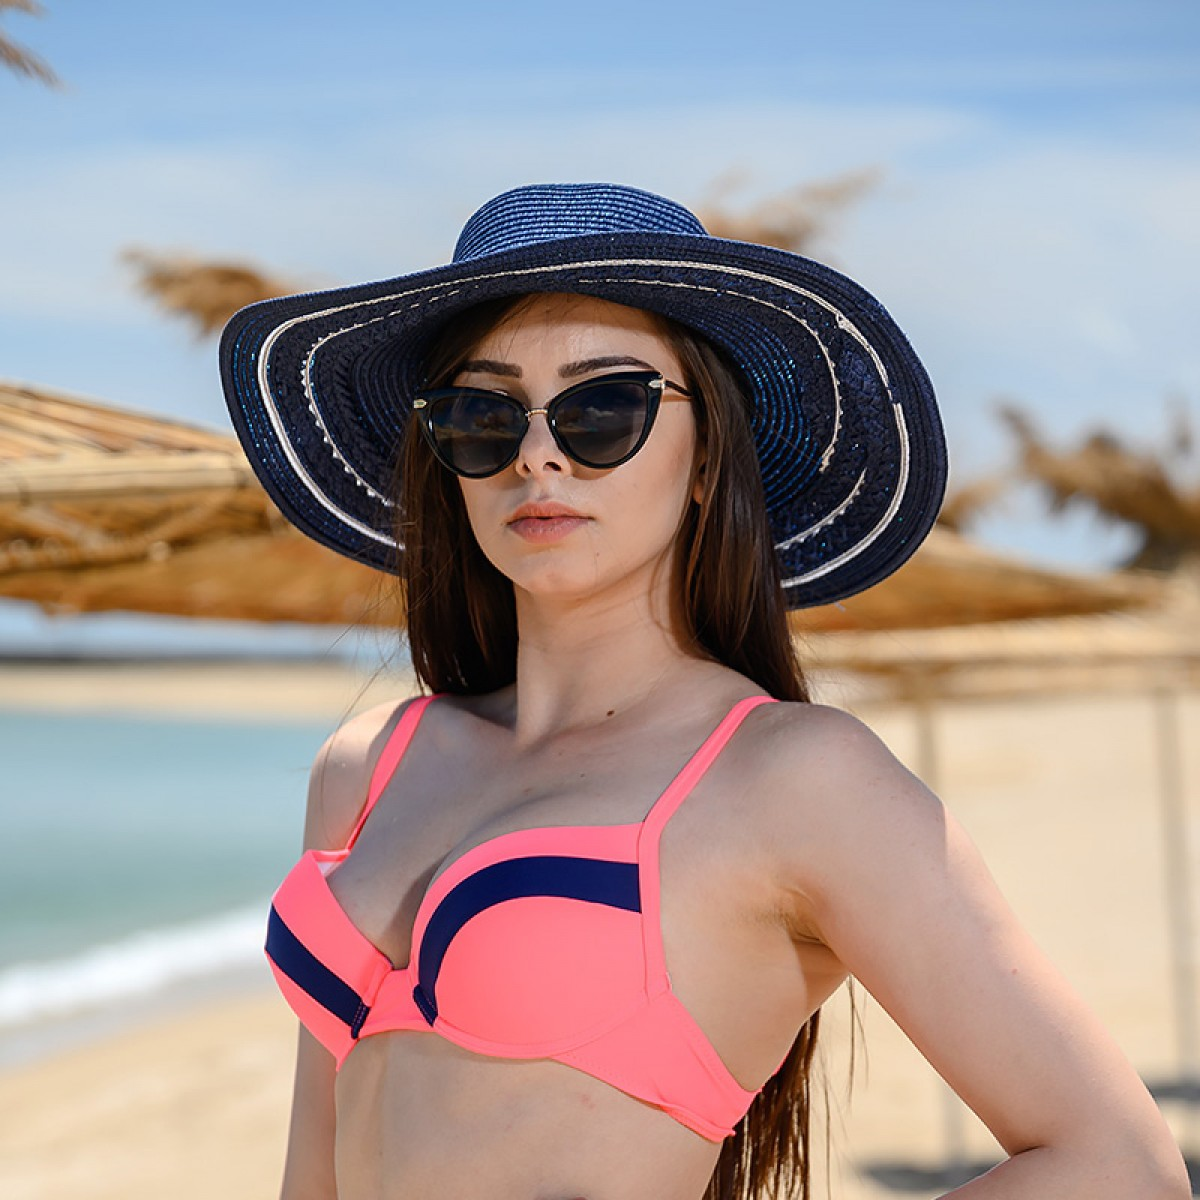 Плажна шапка в тъмно син цвят и бели ивици Снимка 3 от 4